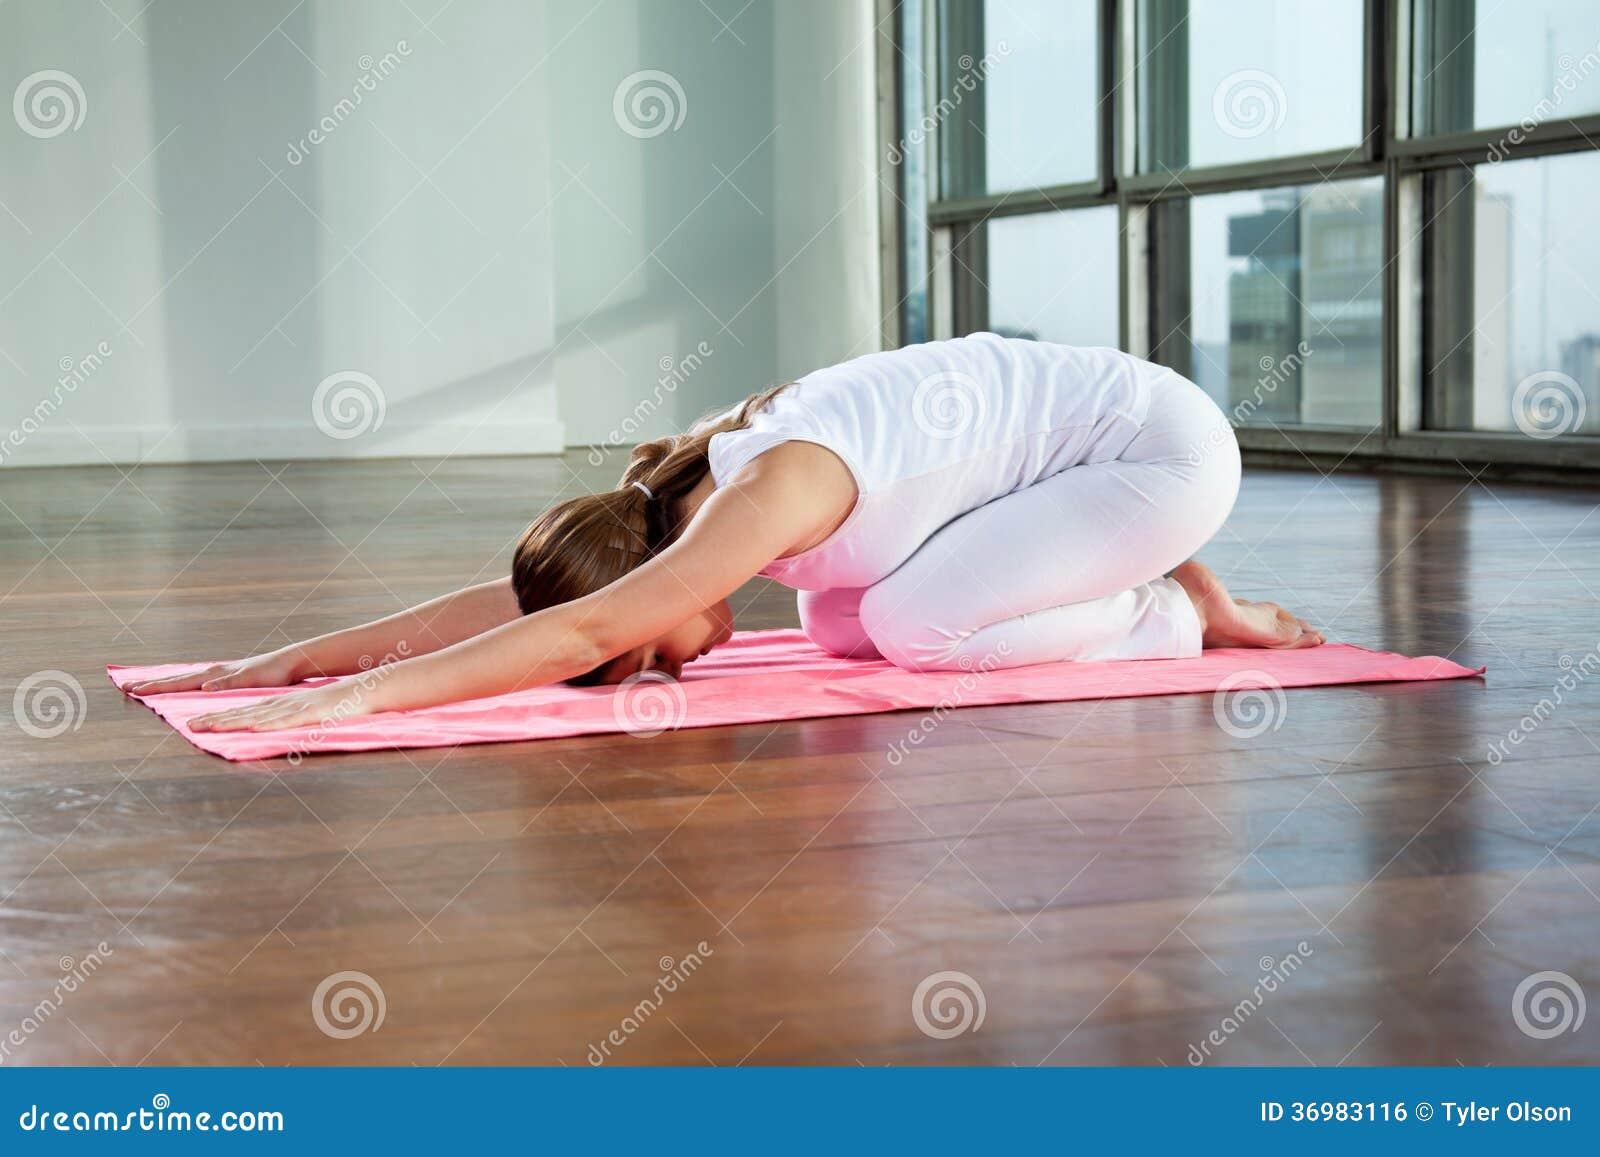 Yoga practicante de la mujer joven